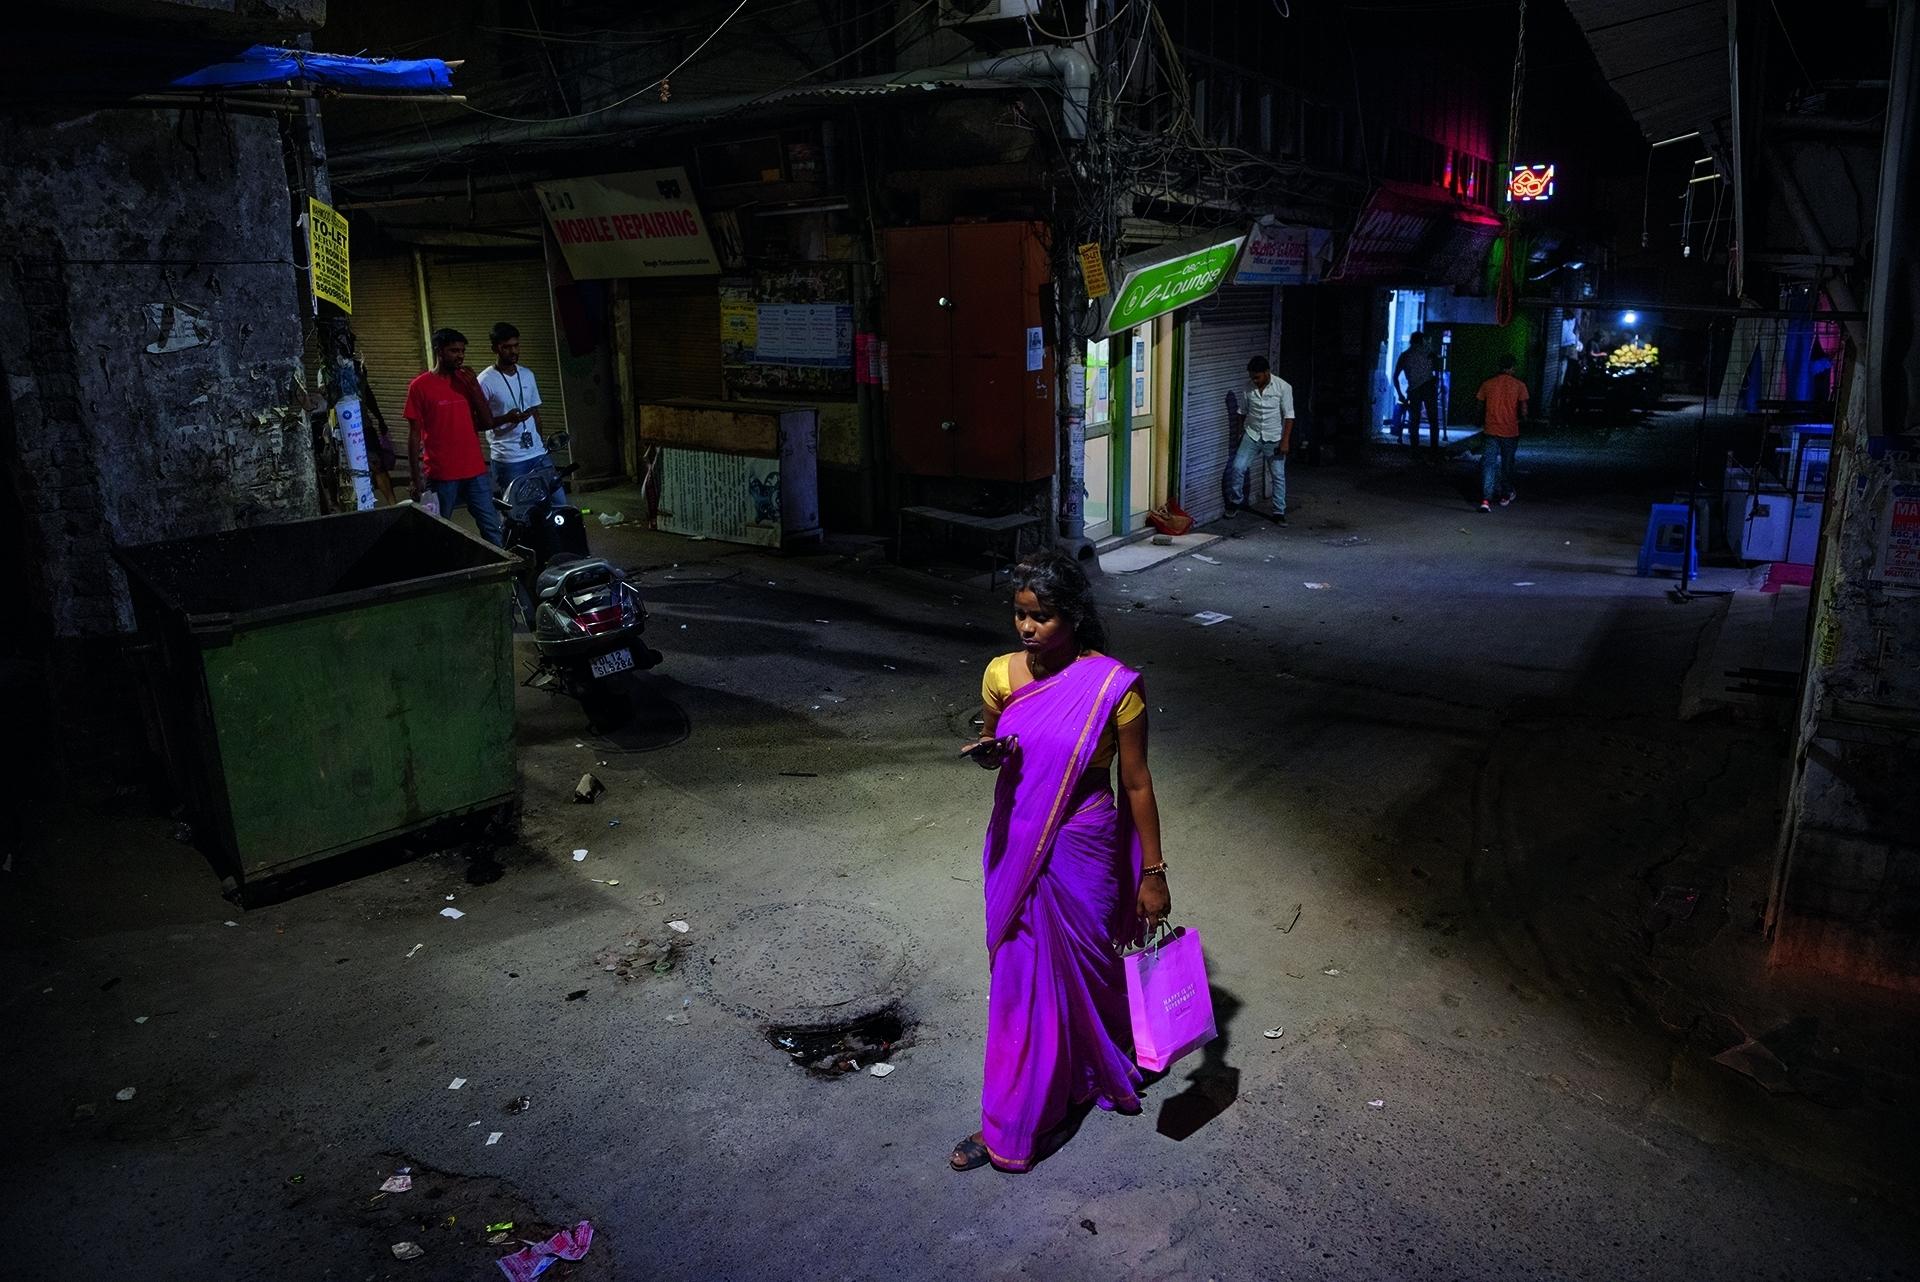 一名女子走過新德里的一條街道,附近就是2012年一名女性在公車上被輪暴的地方,這樁事件引發了全國性的抗議。聯邦政府的回應是迅速將被指控的攻擊者移送法庭審理,並撥出一筆資金供婦女安全方案使用。攝影: 索謬.甘德瓦 SAUMYA KHANDELWAL